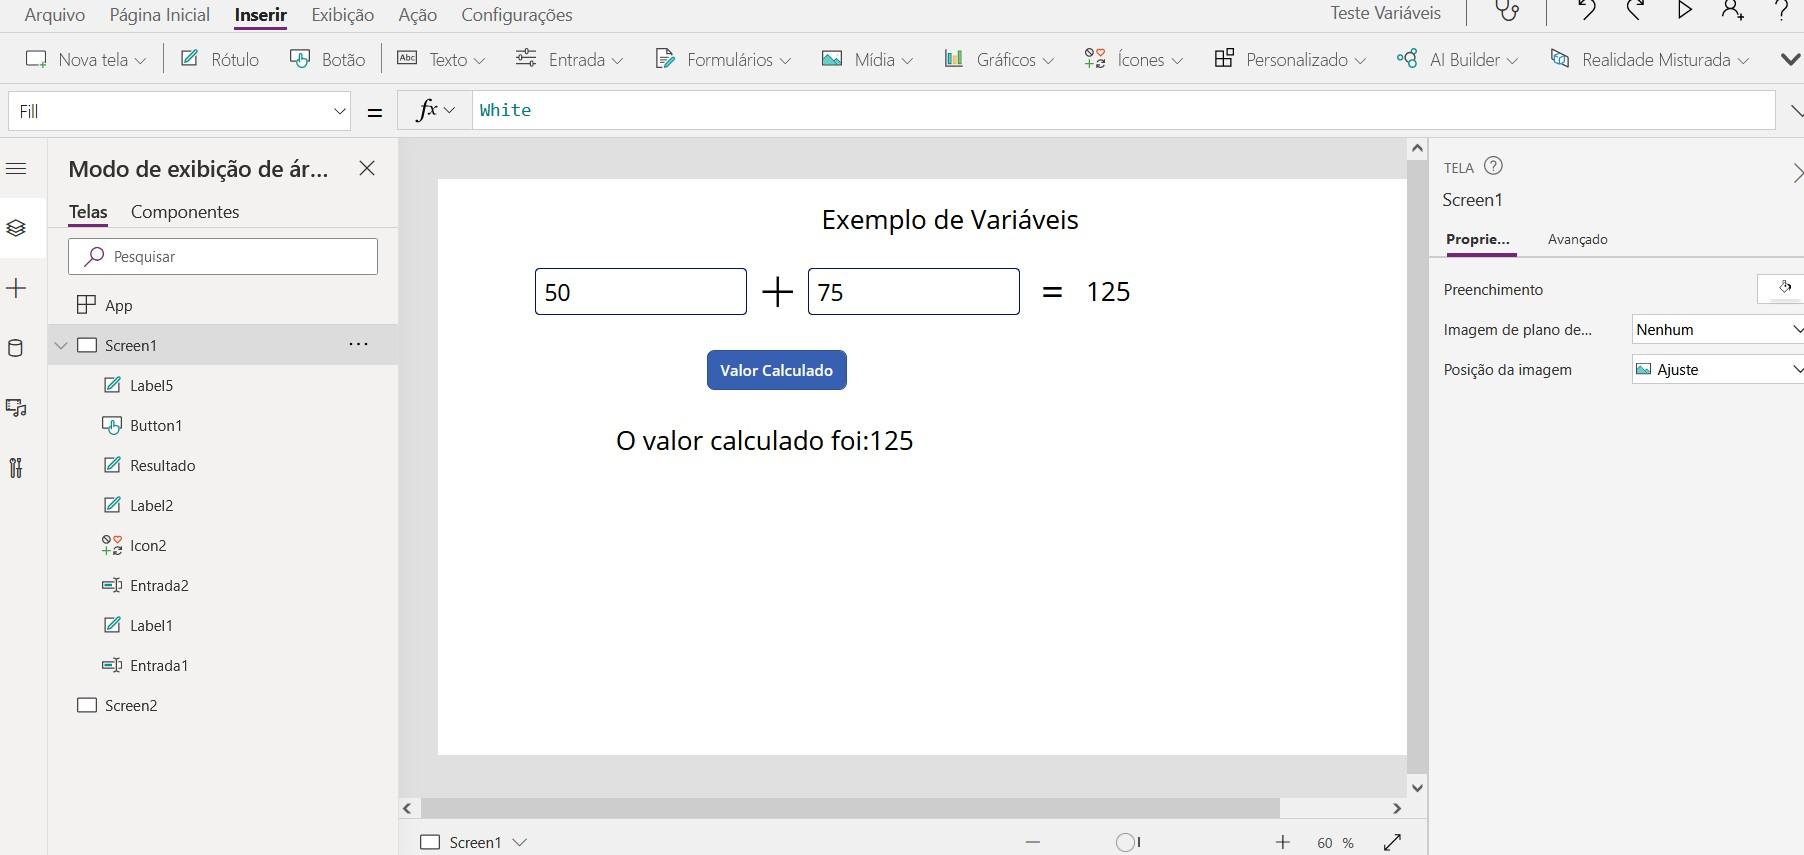 valor-calculado-resultado-power-apps-eng-dtp-multimidia